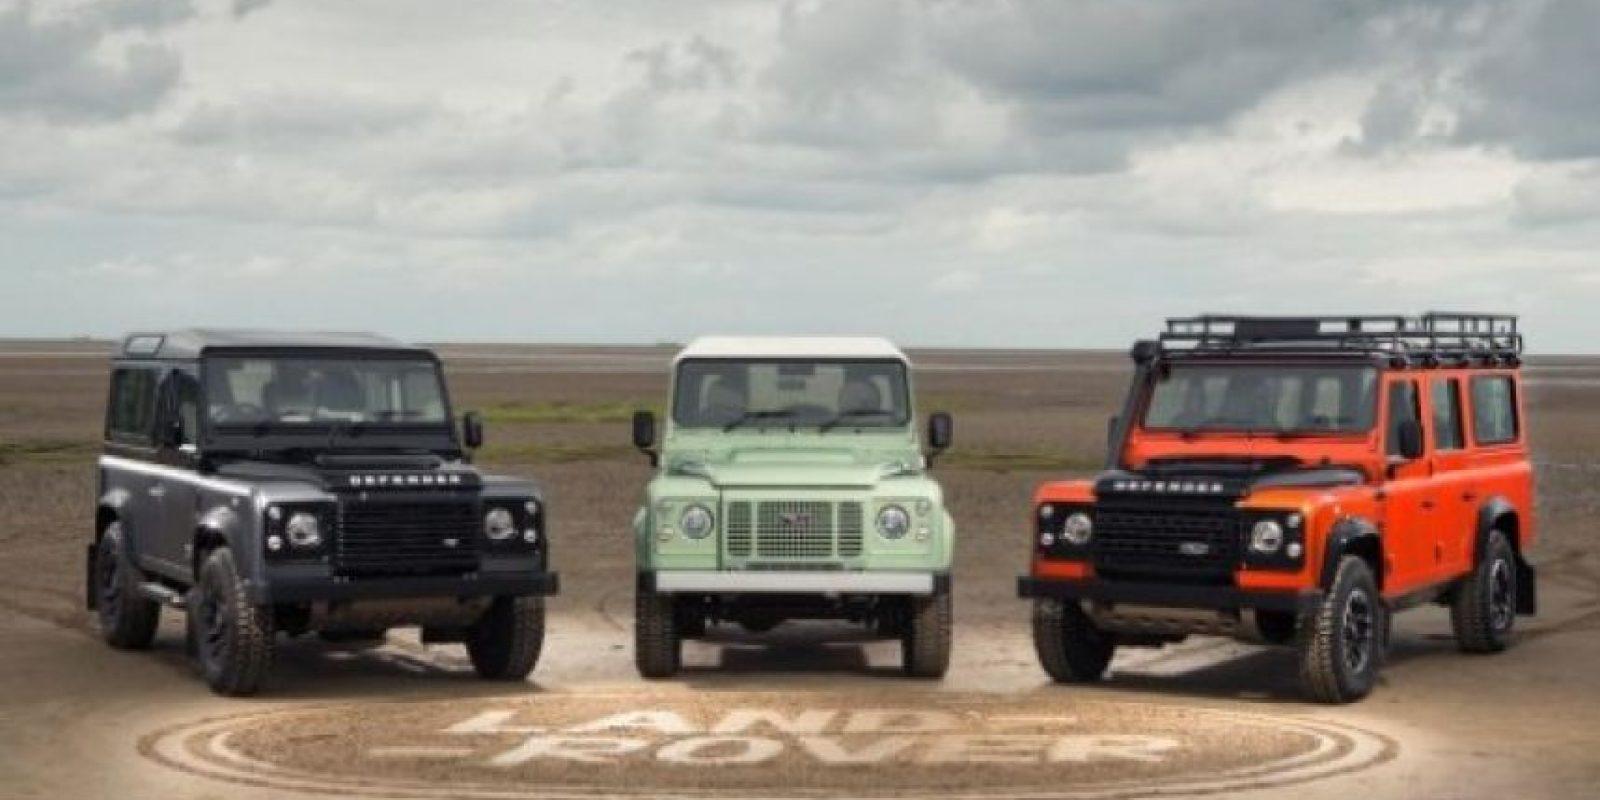 Los tres modelos de Defender Foto:Agencias